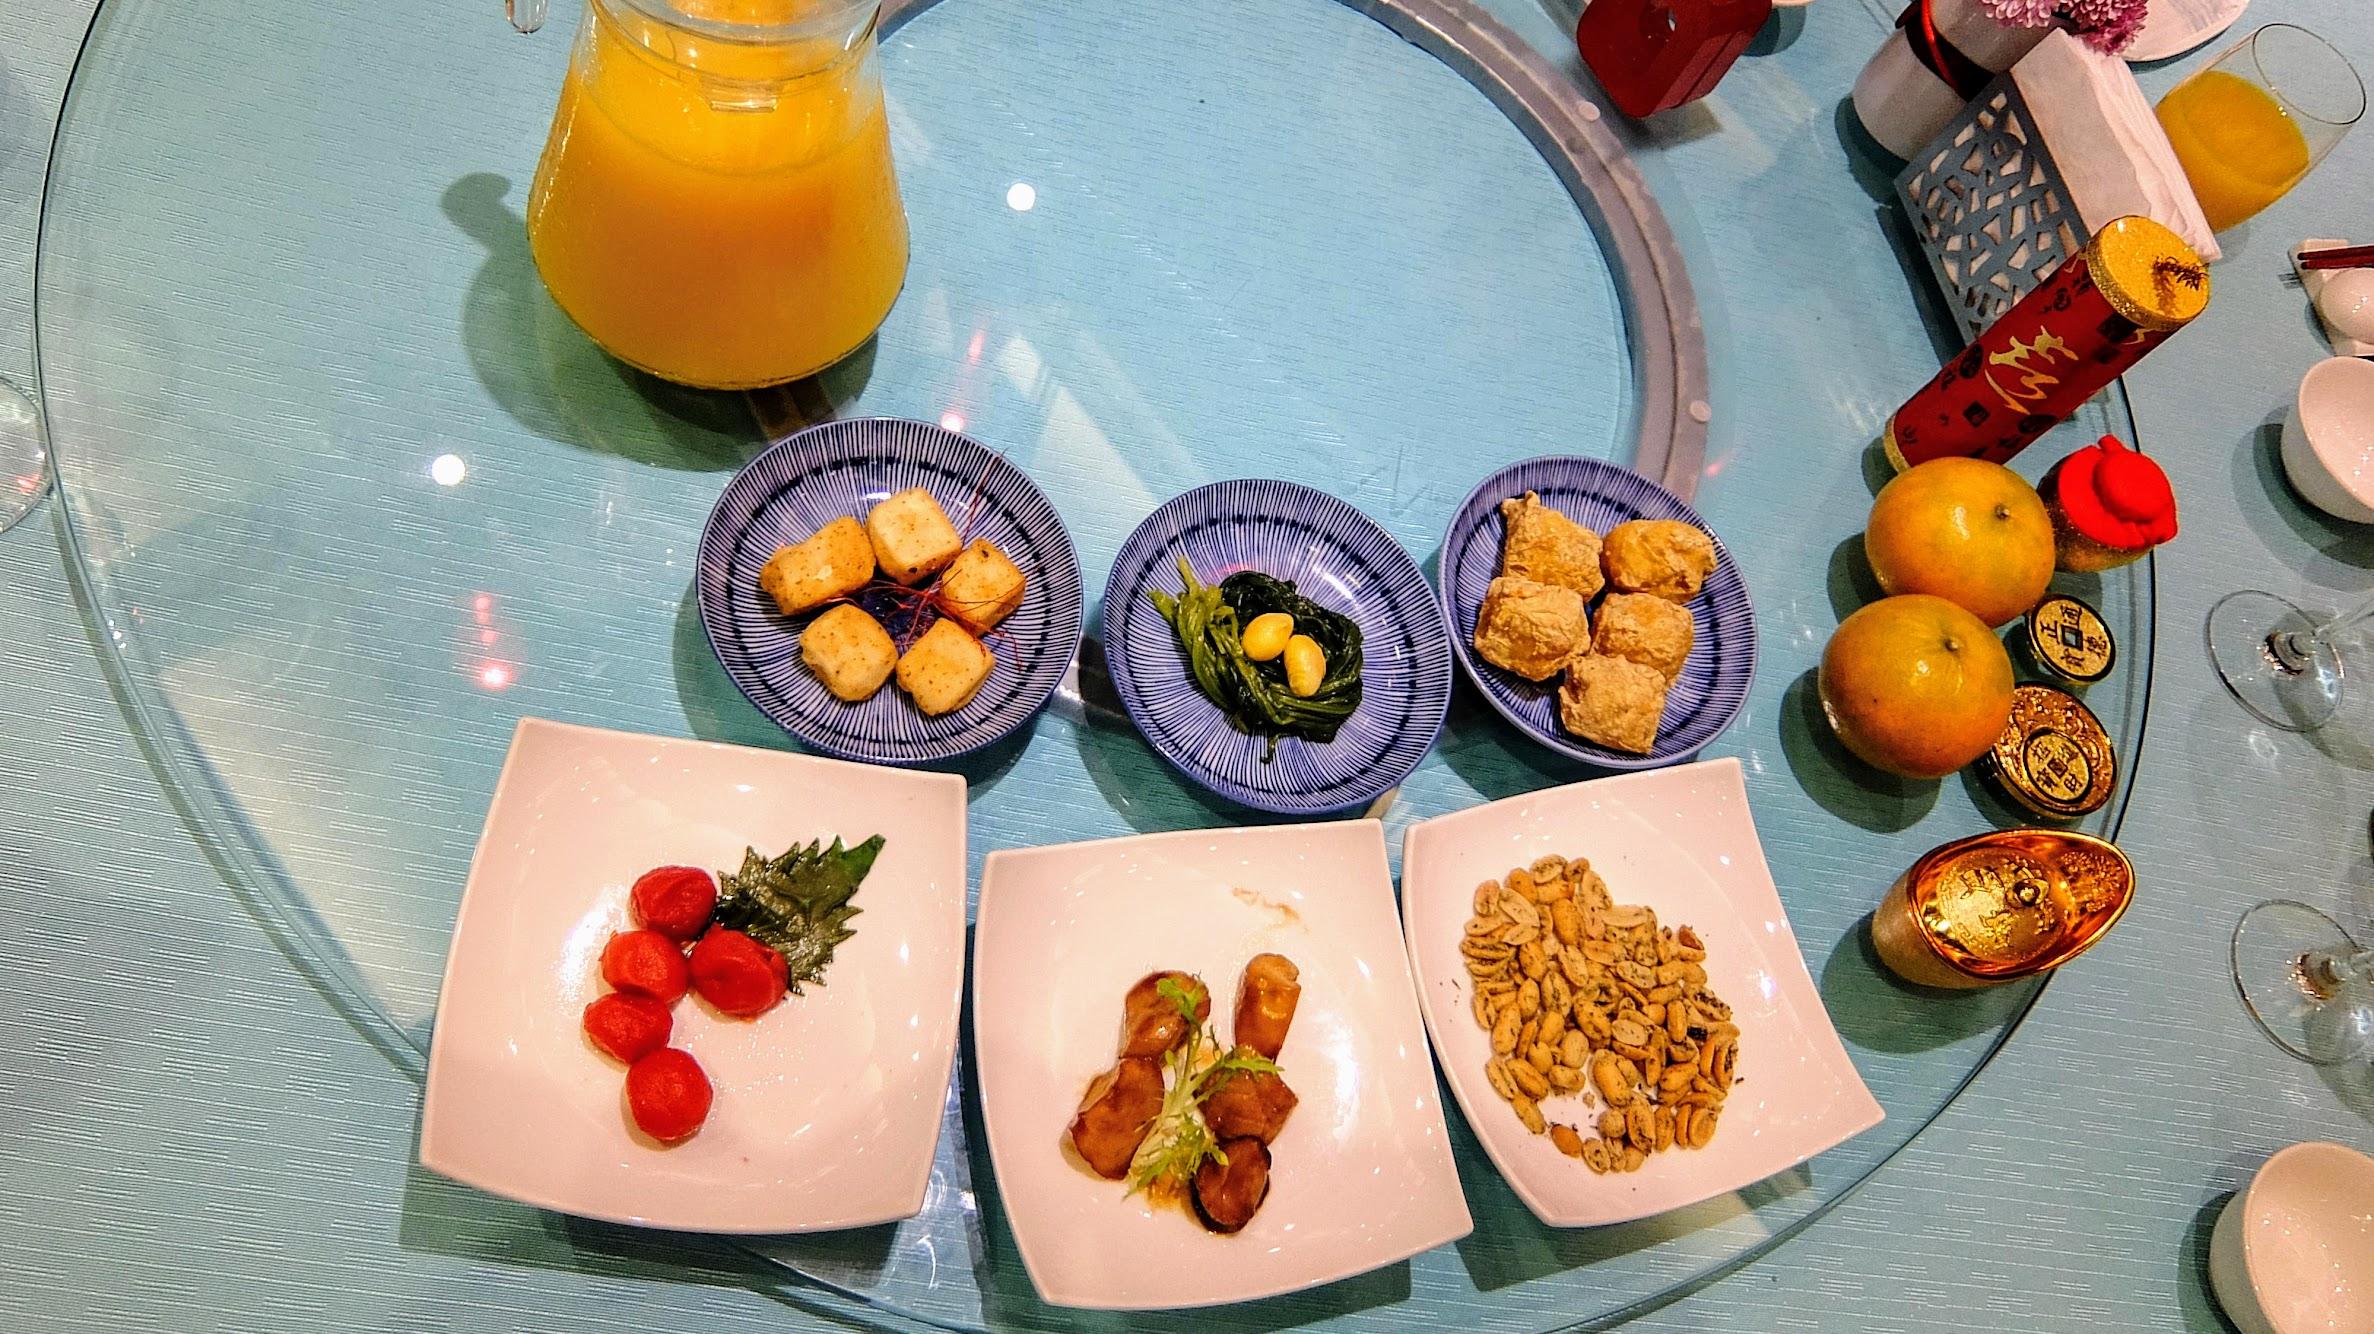 前菜(金磚豆腐、酥炸年糕、百果長年菜、萬壽果、極汁杏菇、梅汁番茄)! 另外柳橙汁是無限暢飲的...